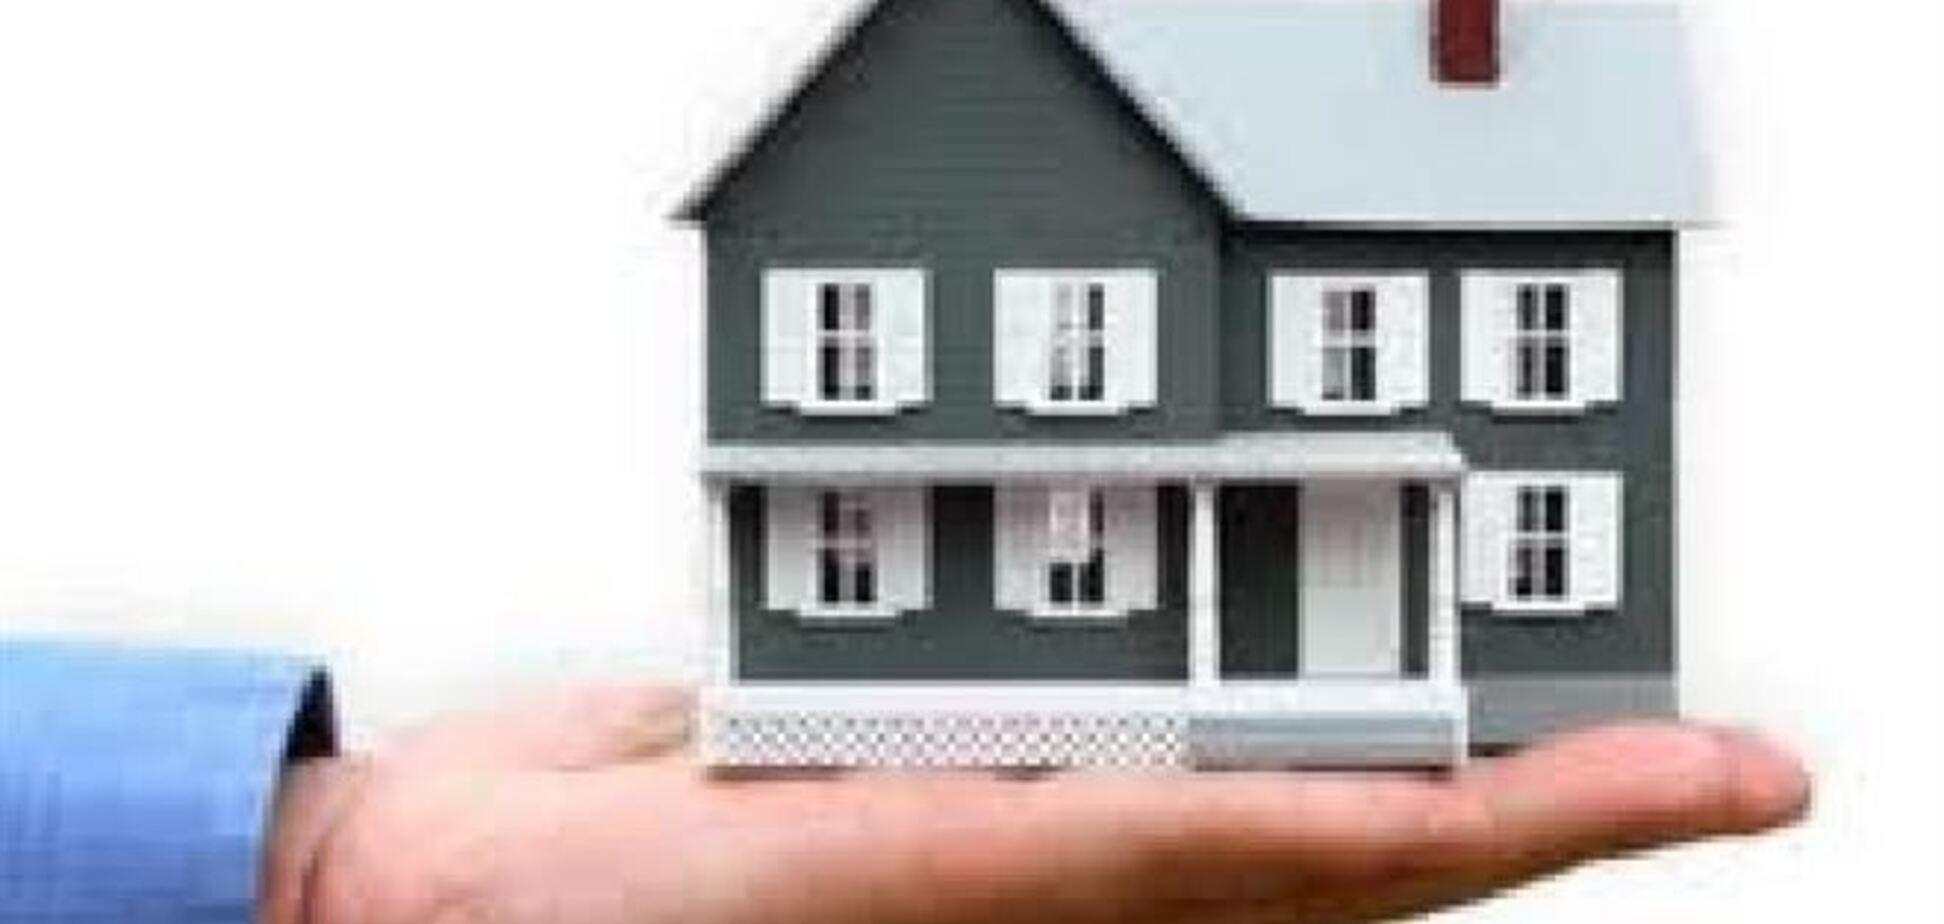 Ограничение наличных платежей обвалила рынок недвижимости в Украине